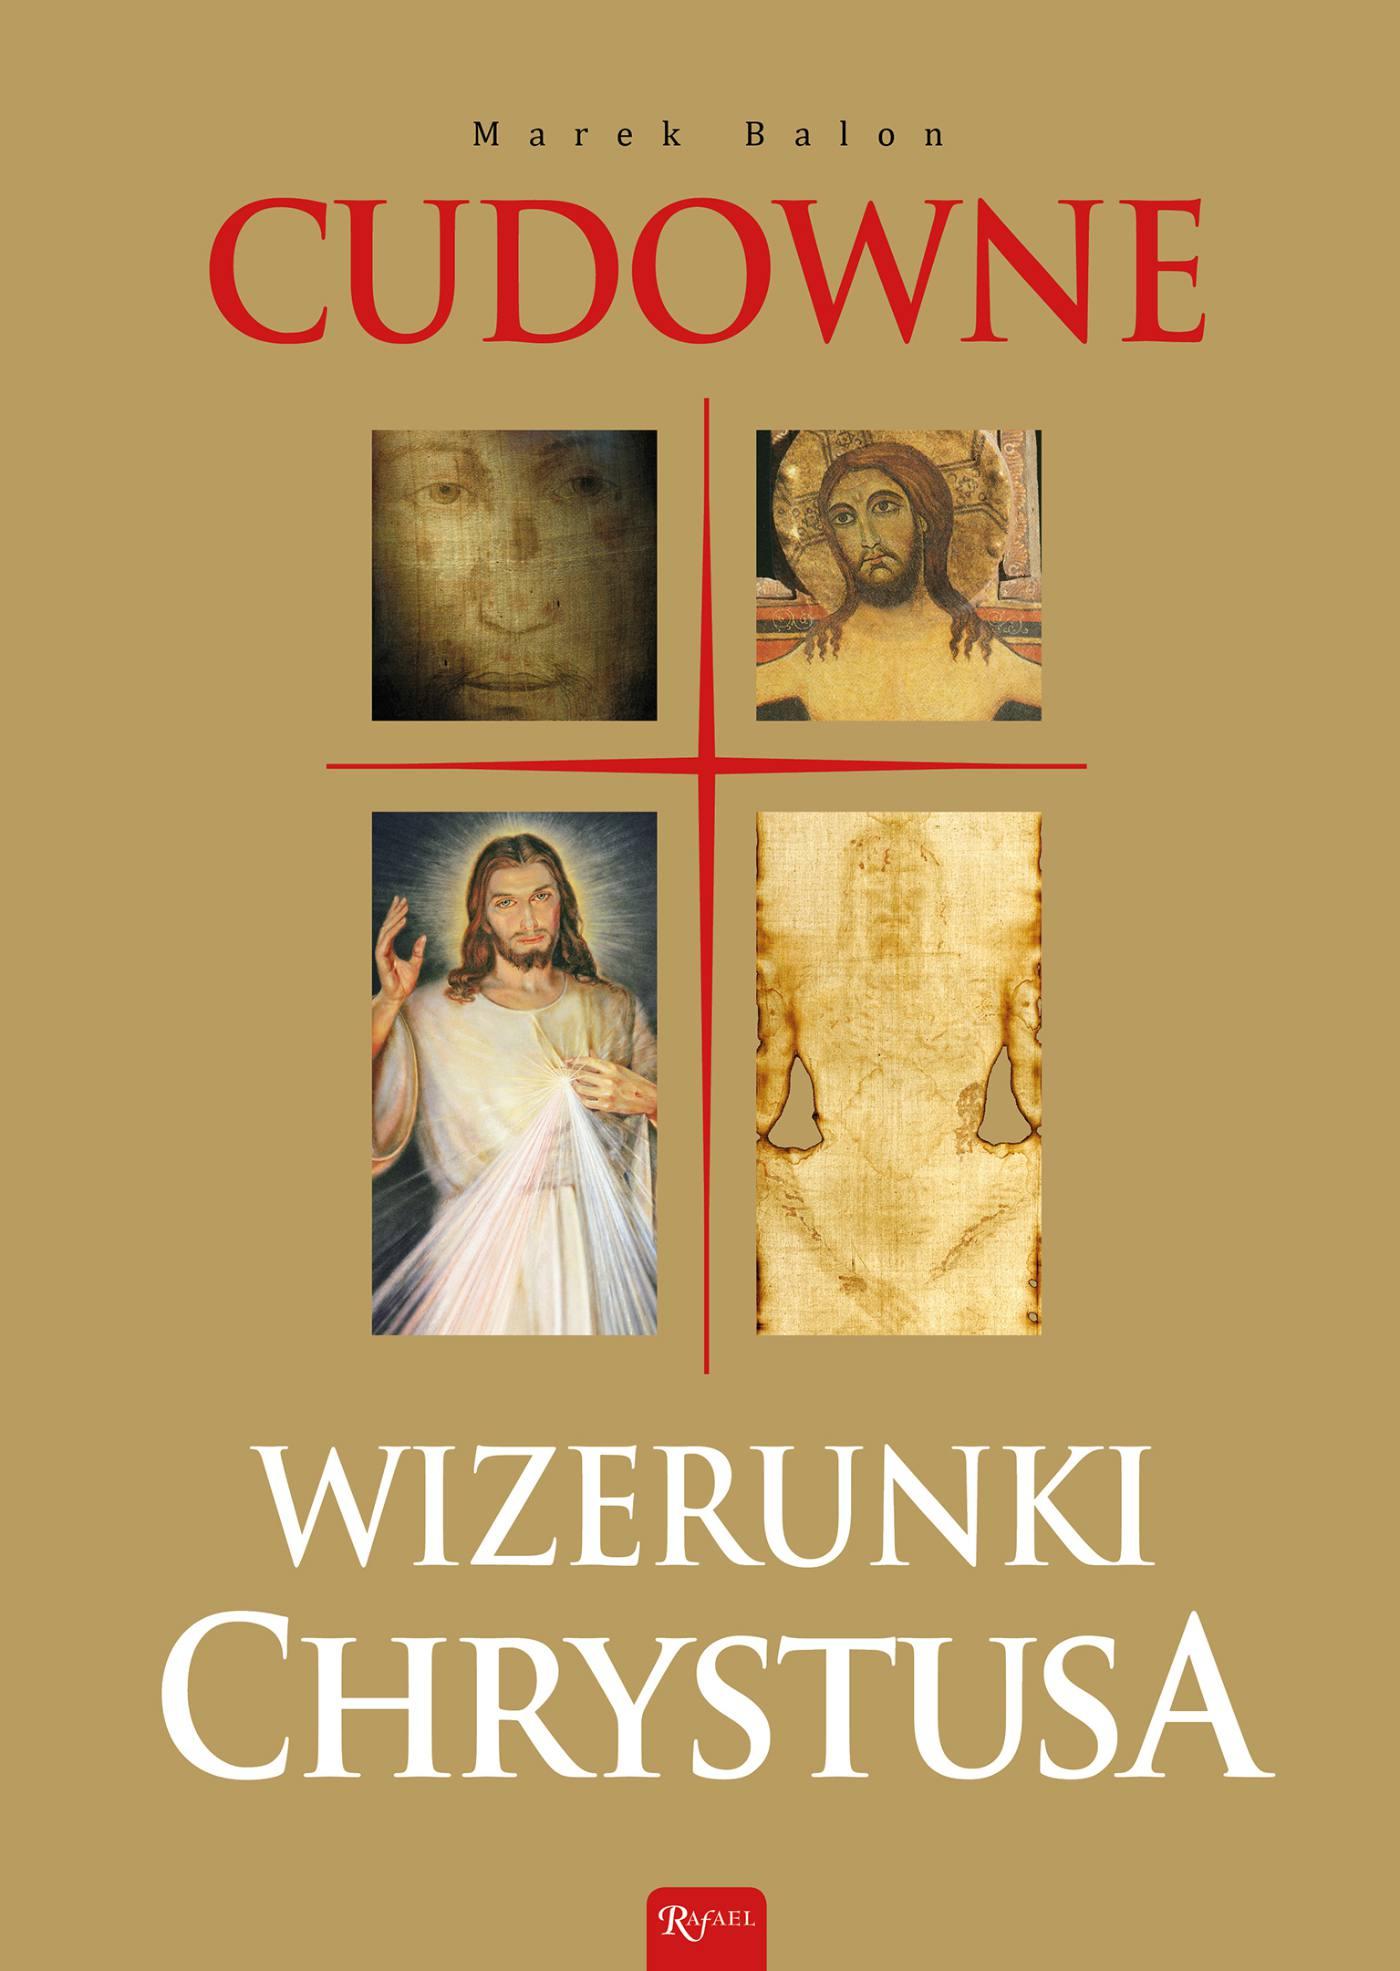 Cudowne wizerunki Chrystusa - Ebook (Książka EPUB) do pobrania w formacie EPUB